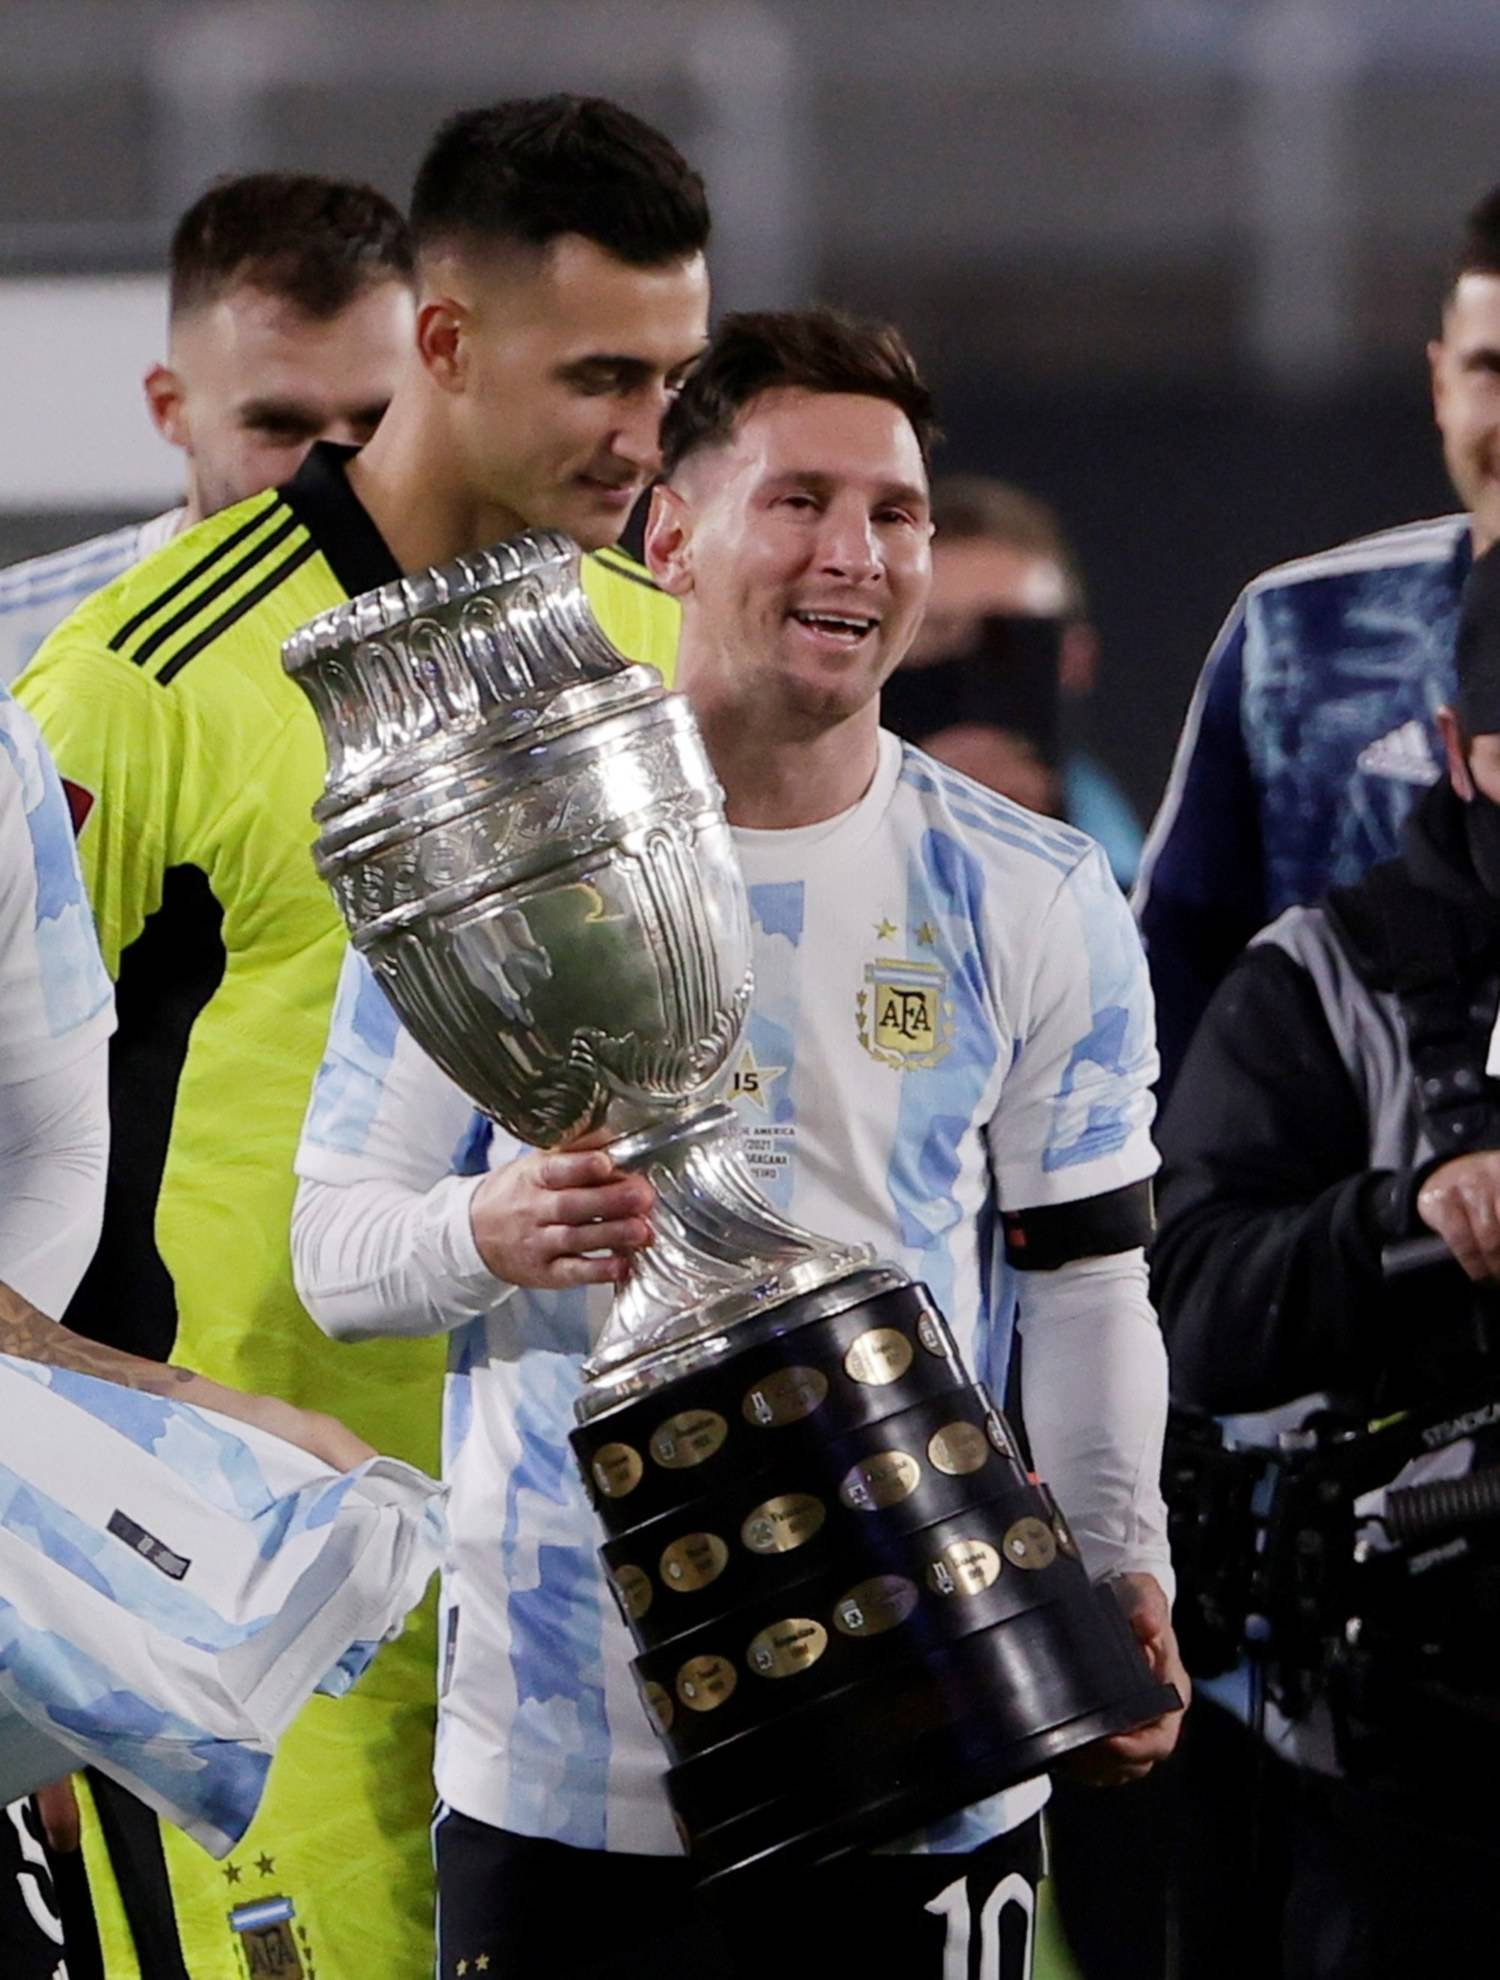 Messi canta e chora, com a torcida argentina, segurando o troféu da Copa América. Merece respeito